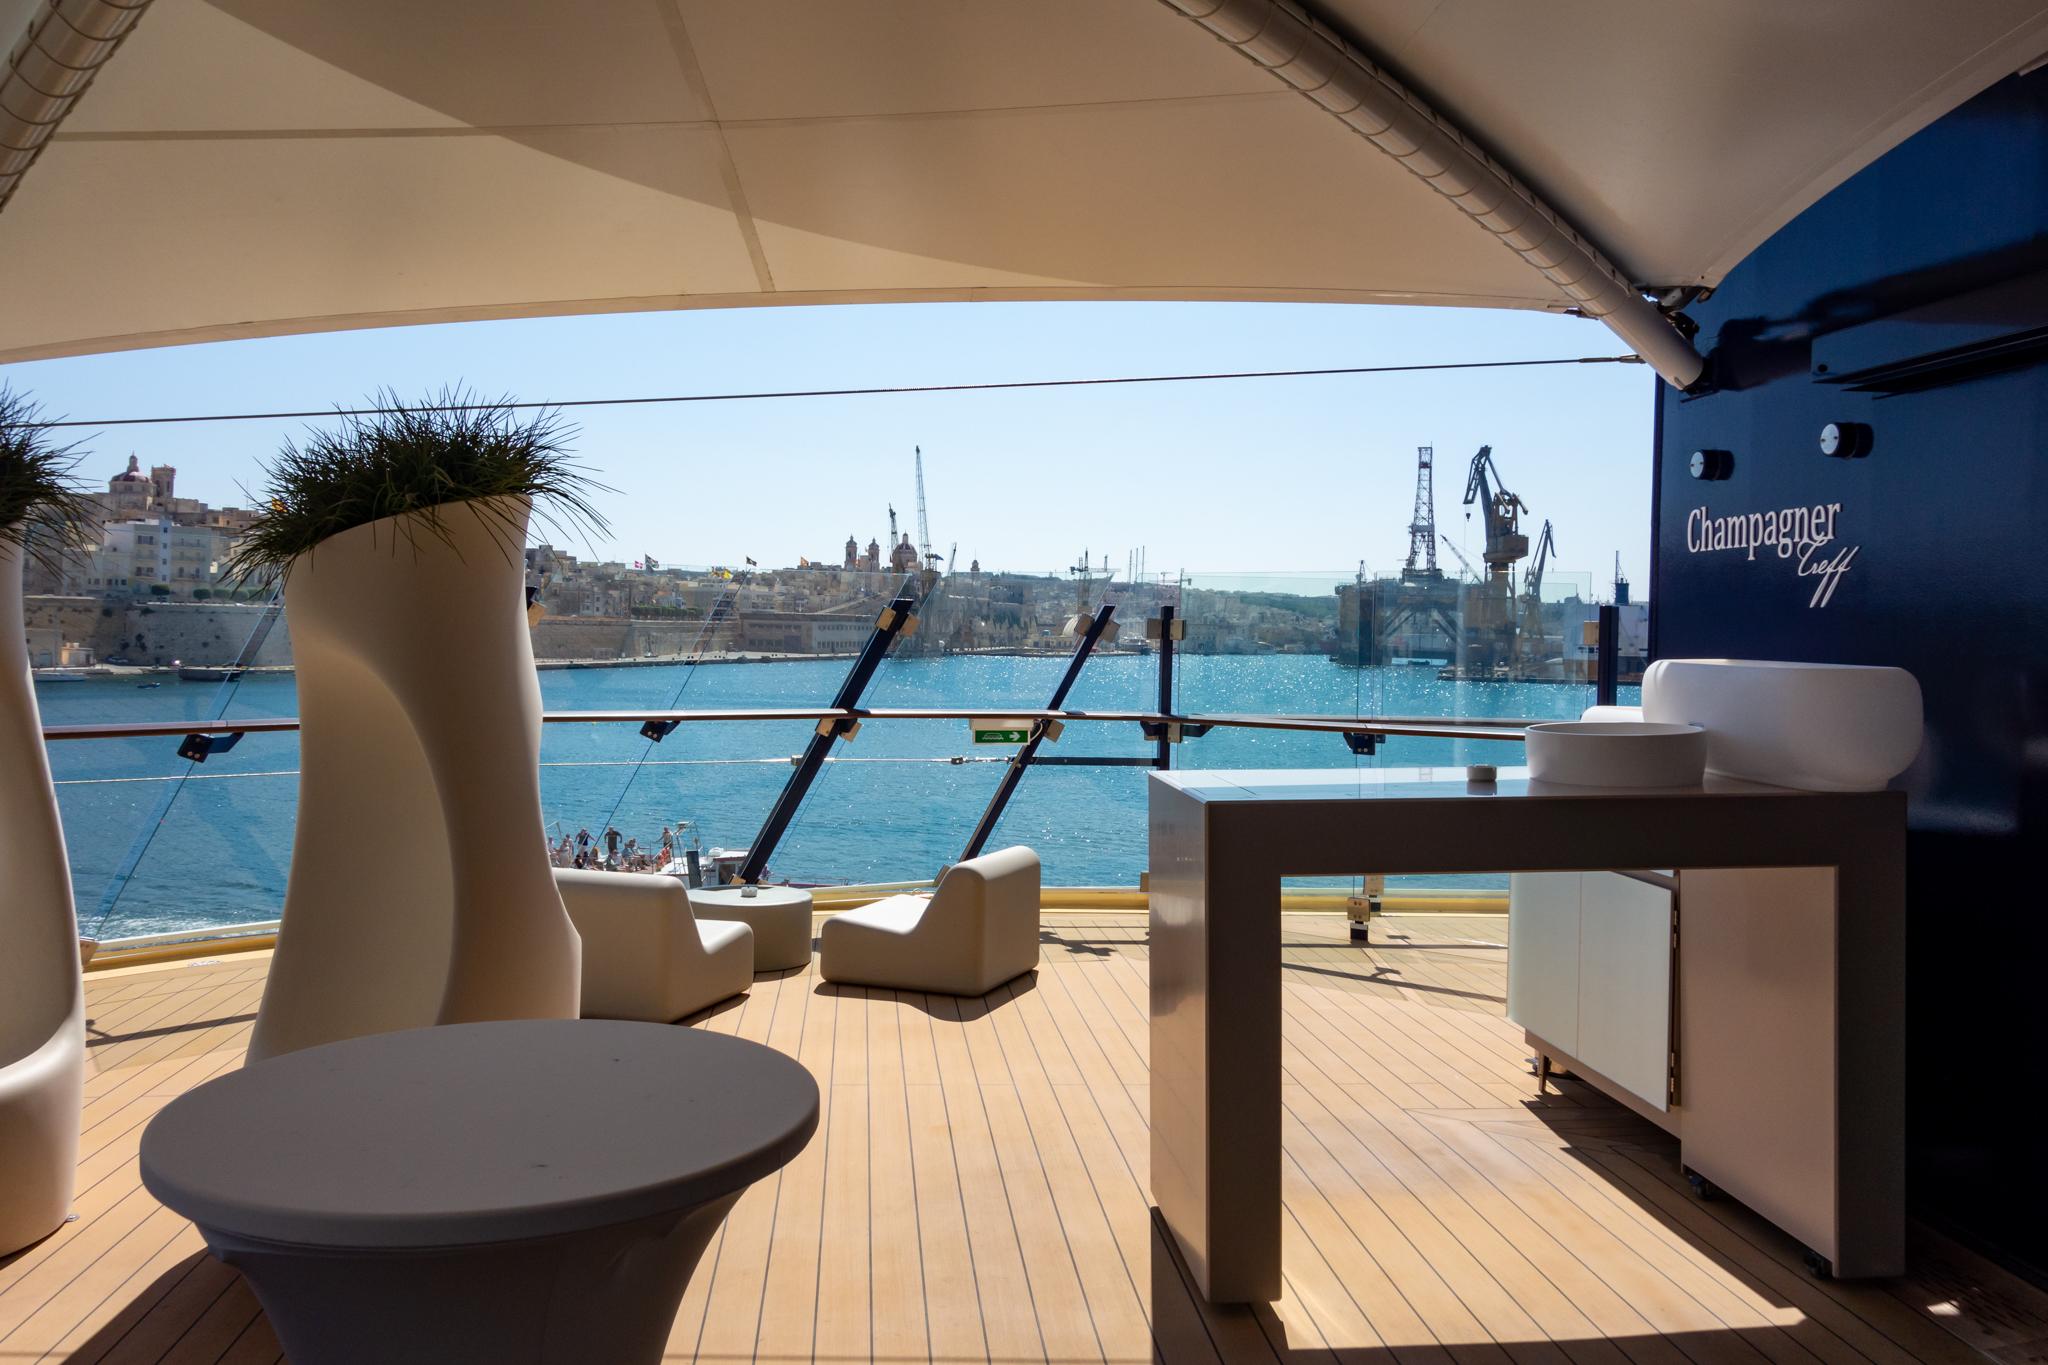 Der Kreuzfahrthafen von Valletta vom Champagnertreff auf Deck 5 gesehen. Wer mag, kann sich neben den unzähligen Dingen, die schon im Reisepreis inbegriffen sind, auch noch ein paar luxuriöse Extras gönnen. Gegen Aufpreis, versteht sich. Und obwohl das Schiff bestens gebucht war, gab es immer und zu jeder Zeit Rückzugsorte, an denen man seine Ruhe haben konnte.